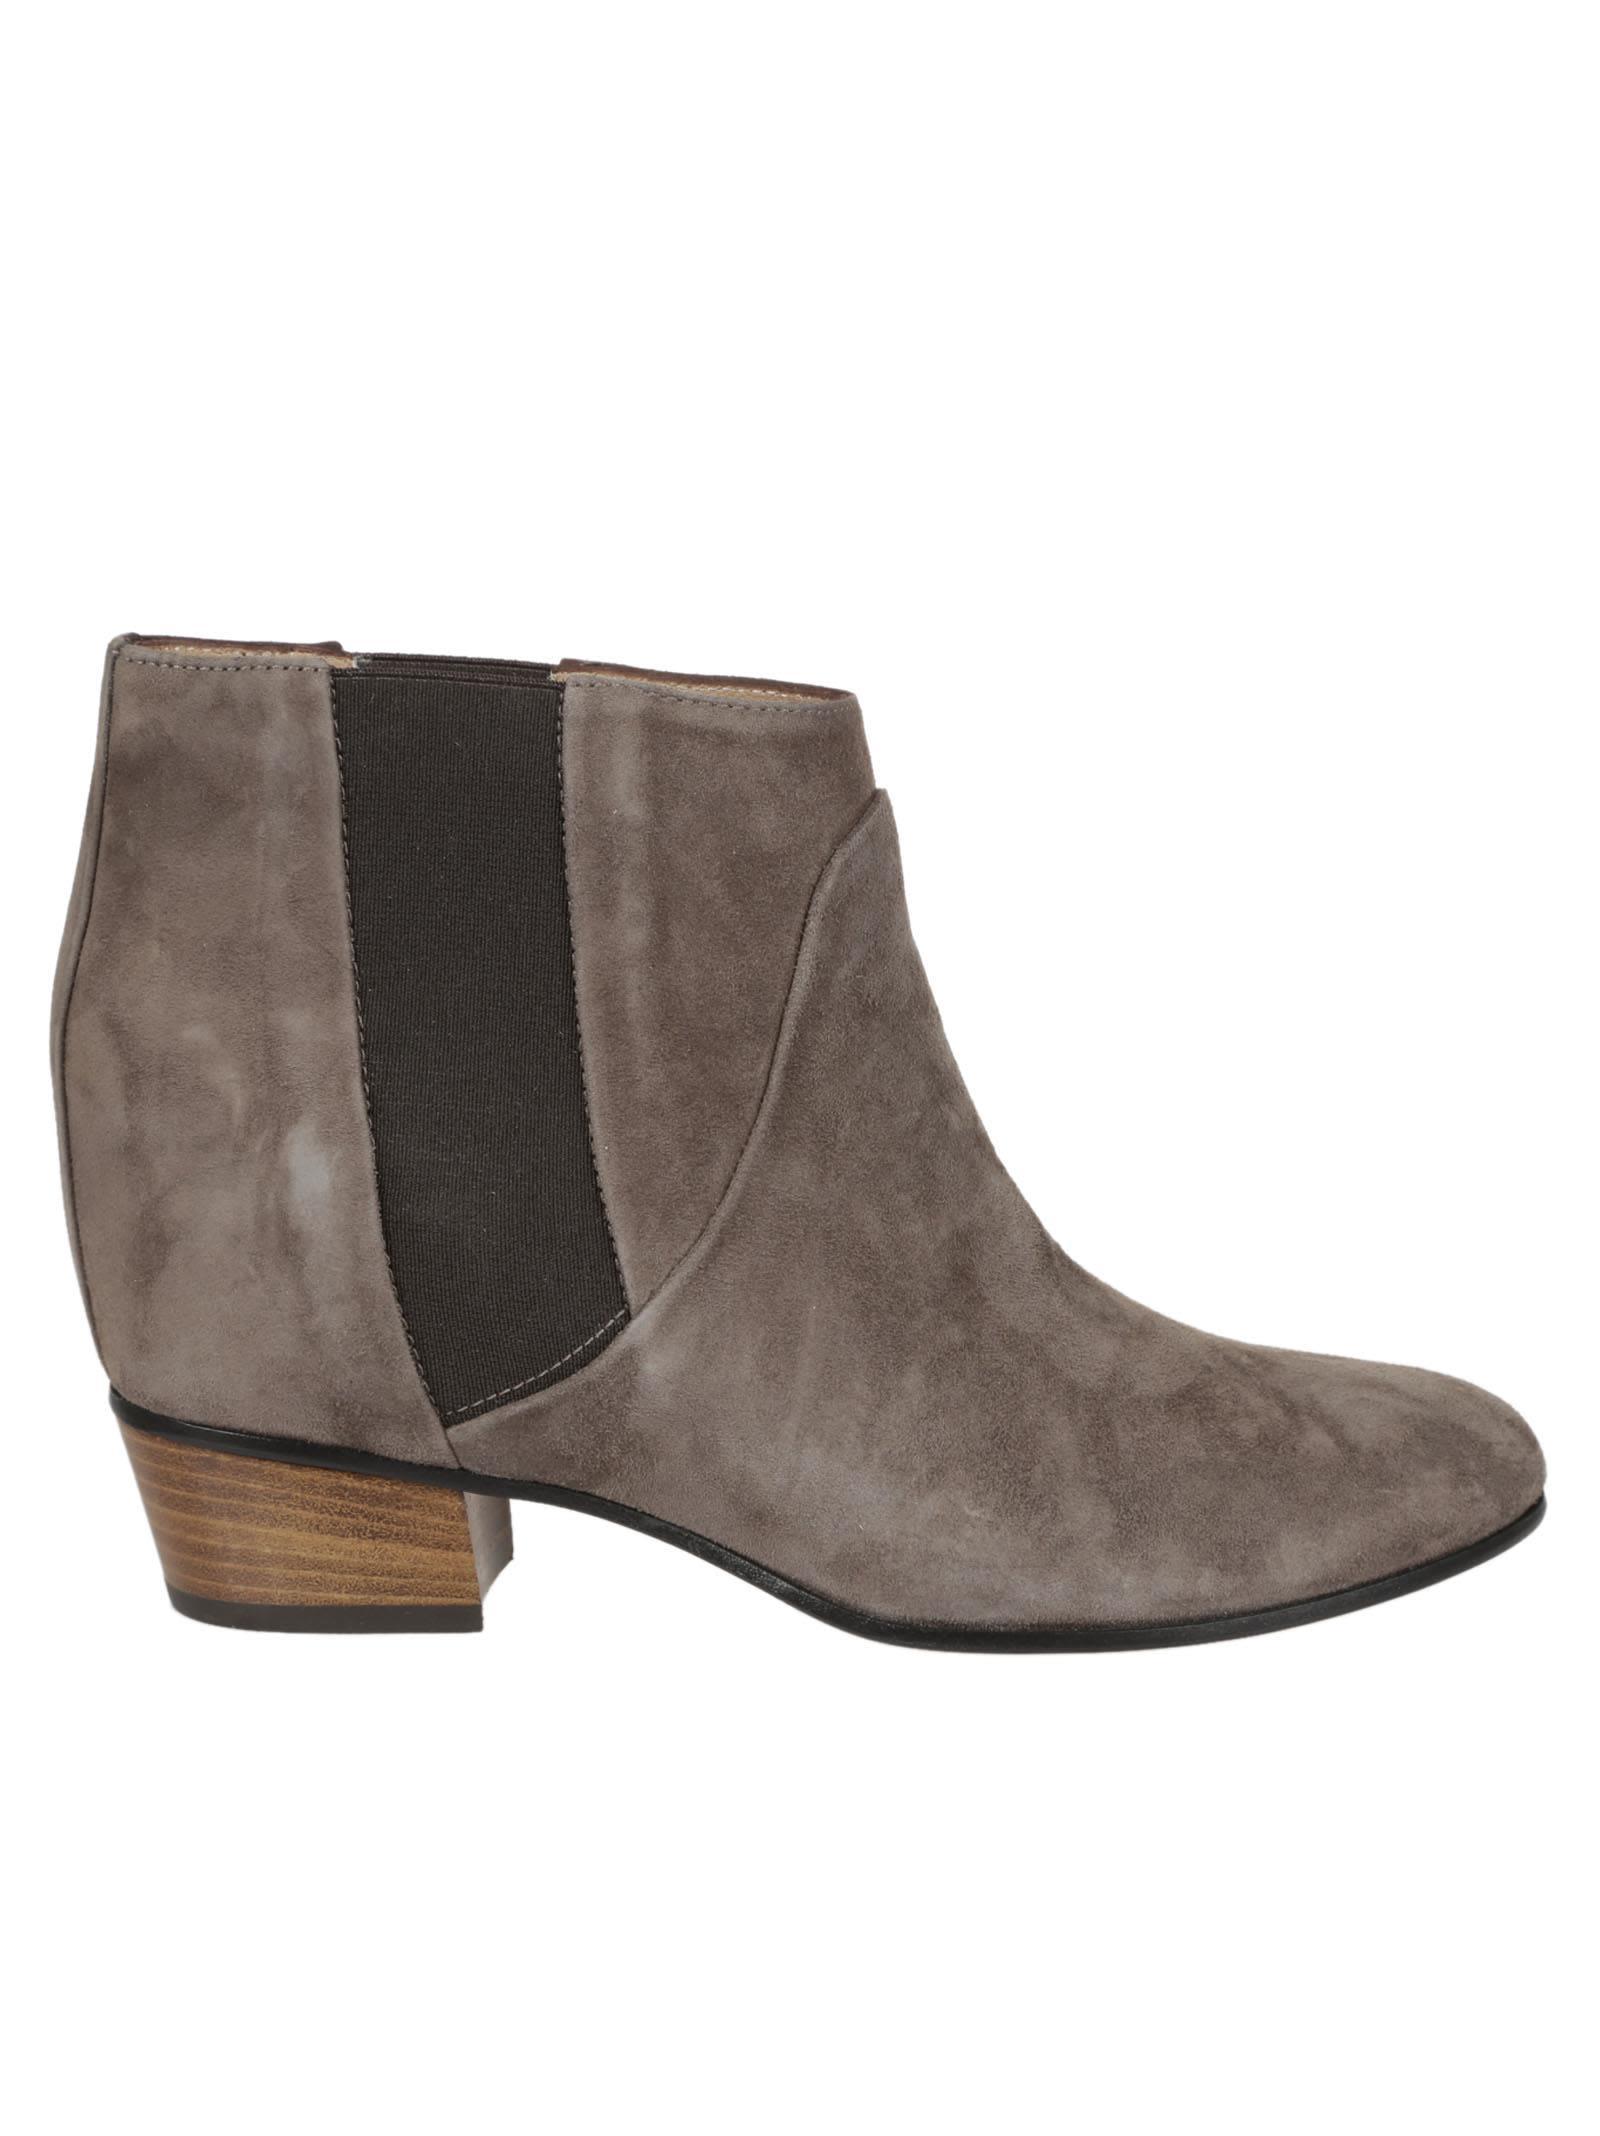 Golden Goose Deluxe Brand Dana Boots